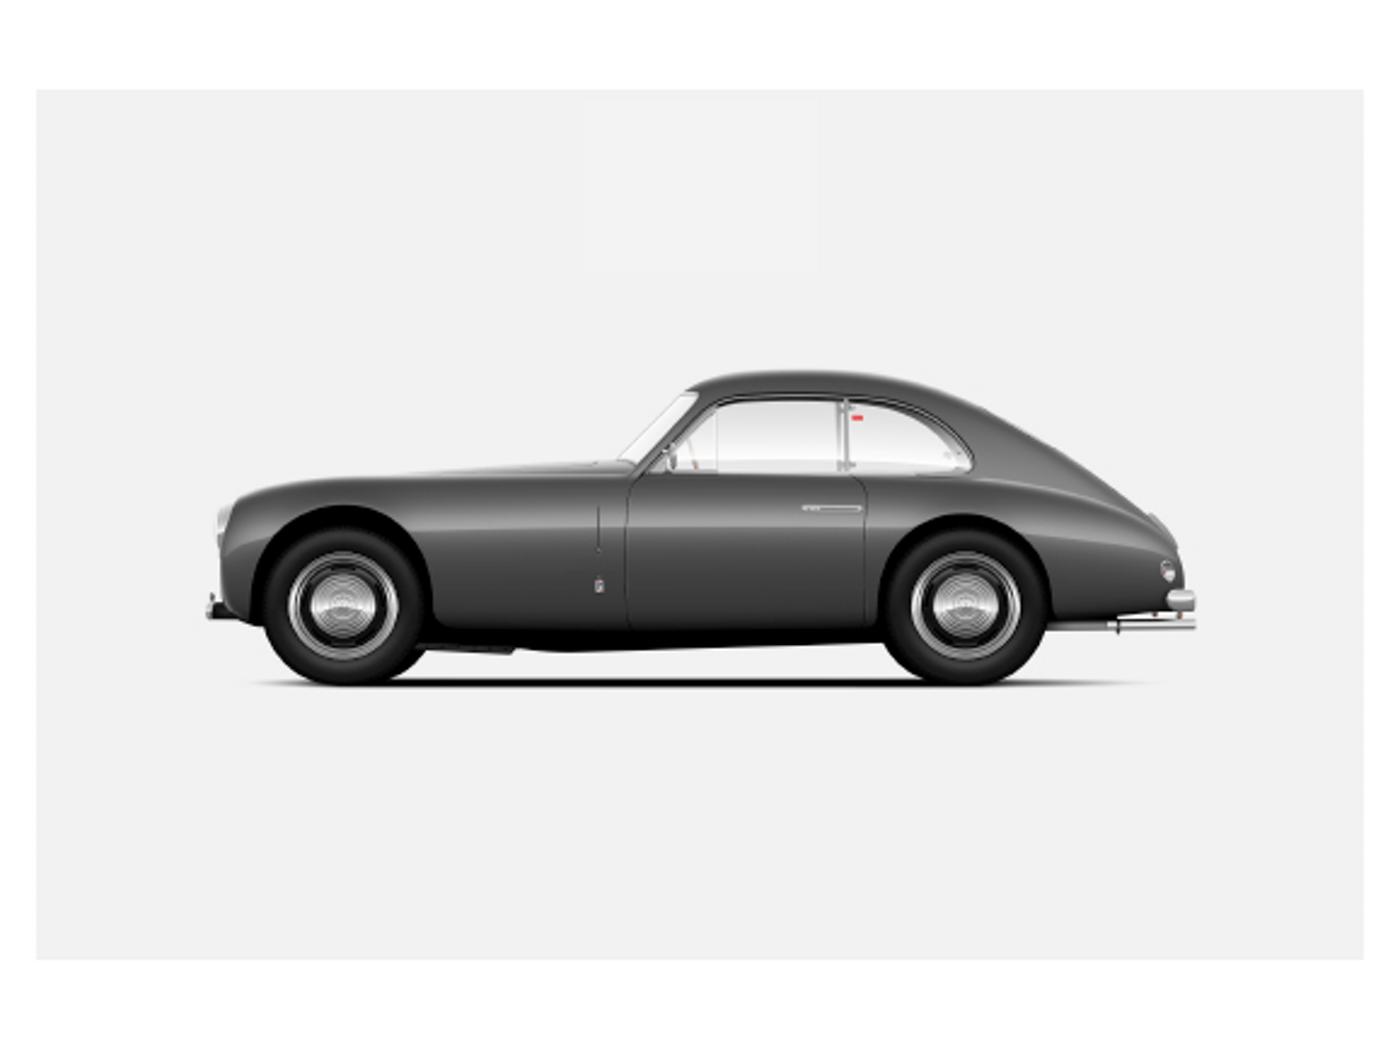 Maserati GranTurismo (1949) - Maserati voiture vintage